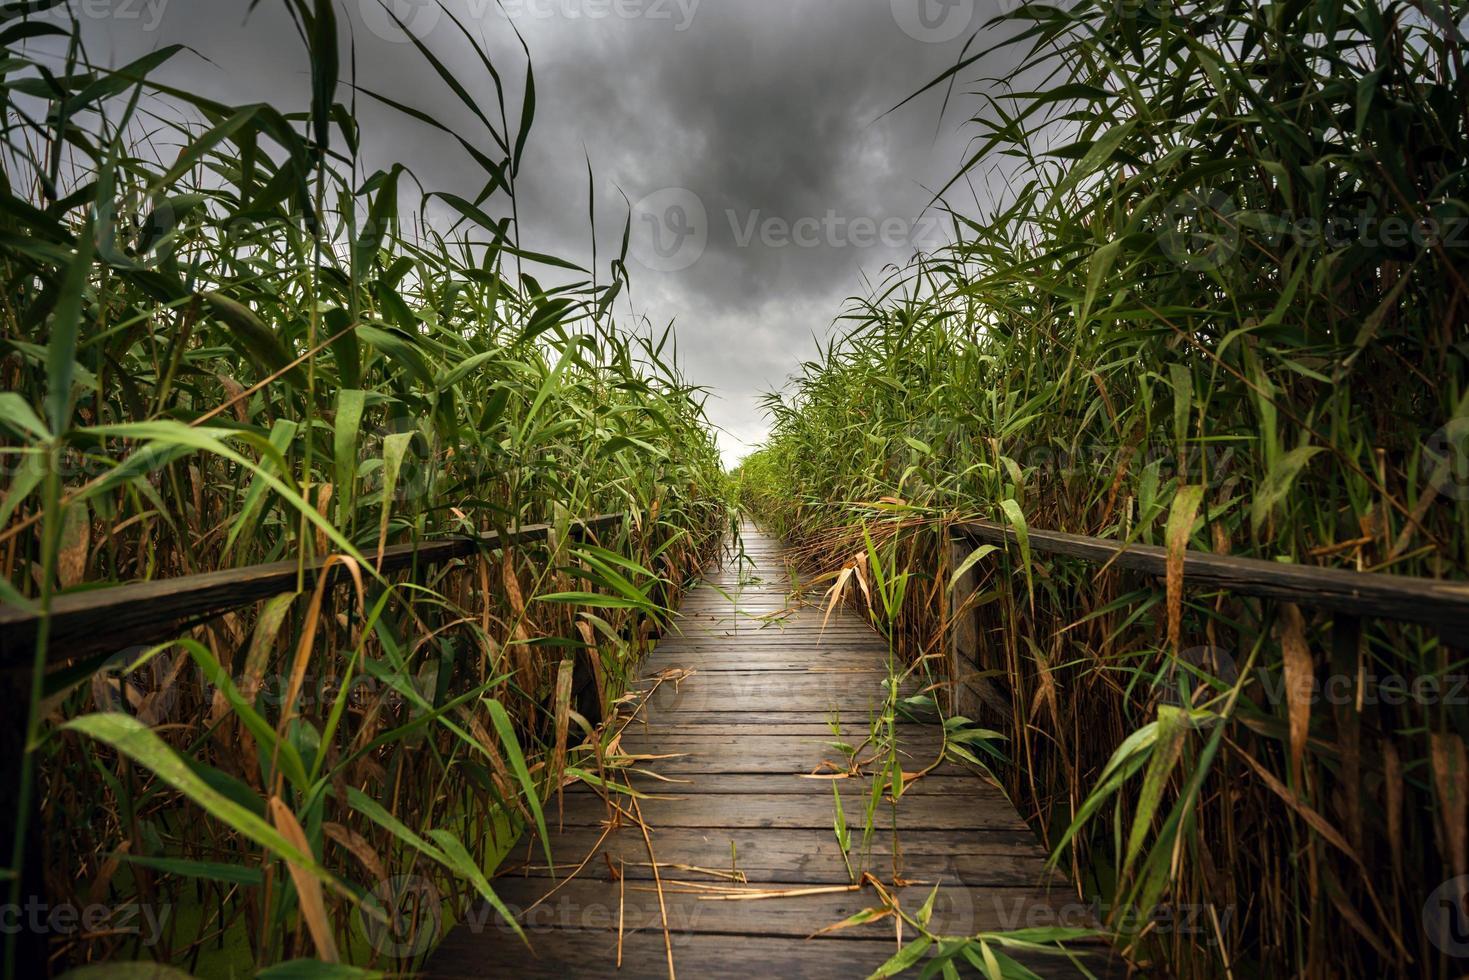 percorso di legno attraverso la canna foto